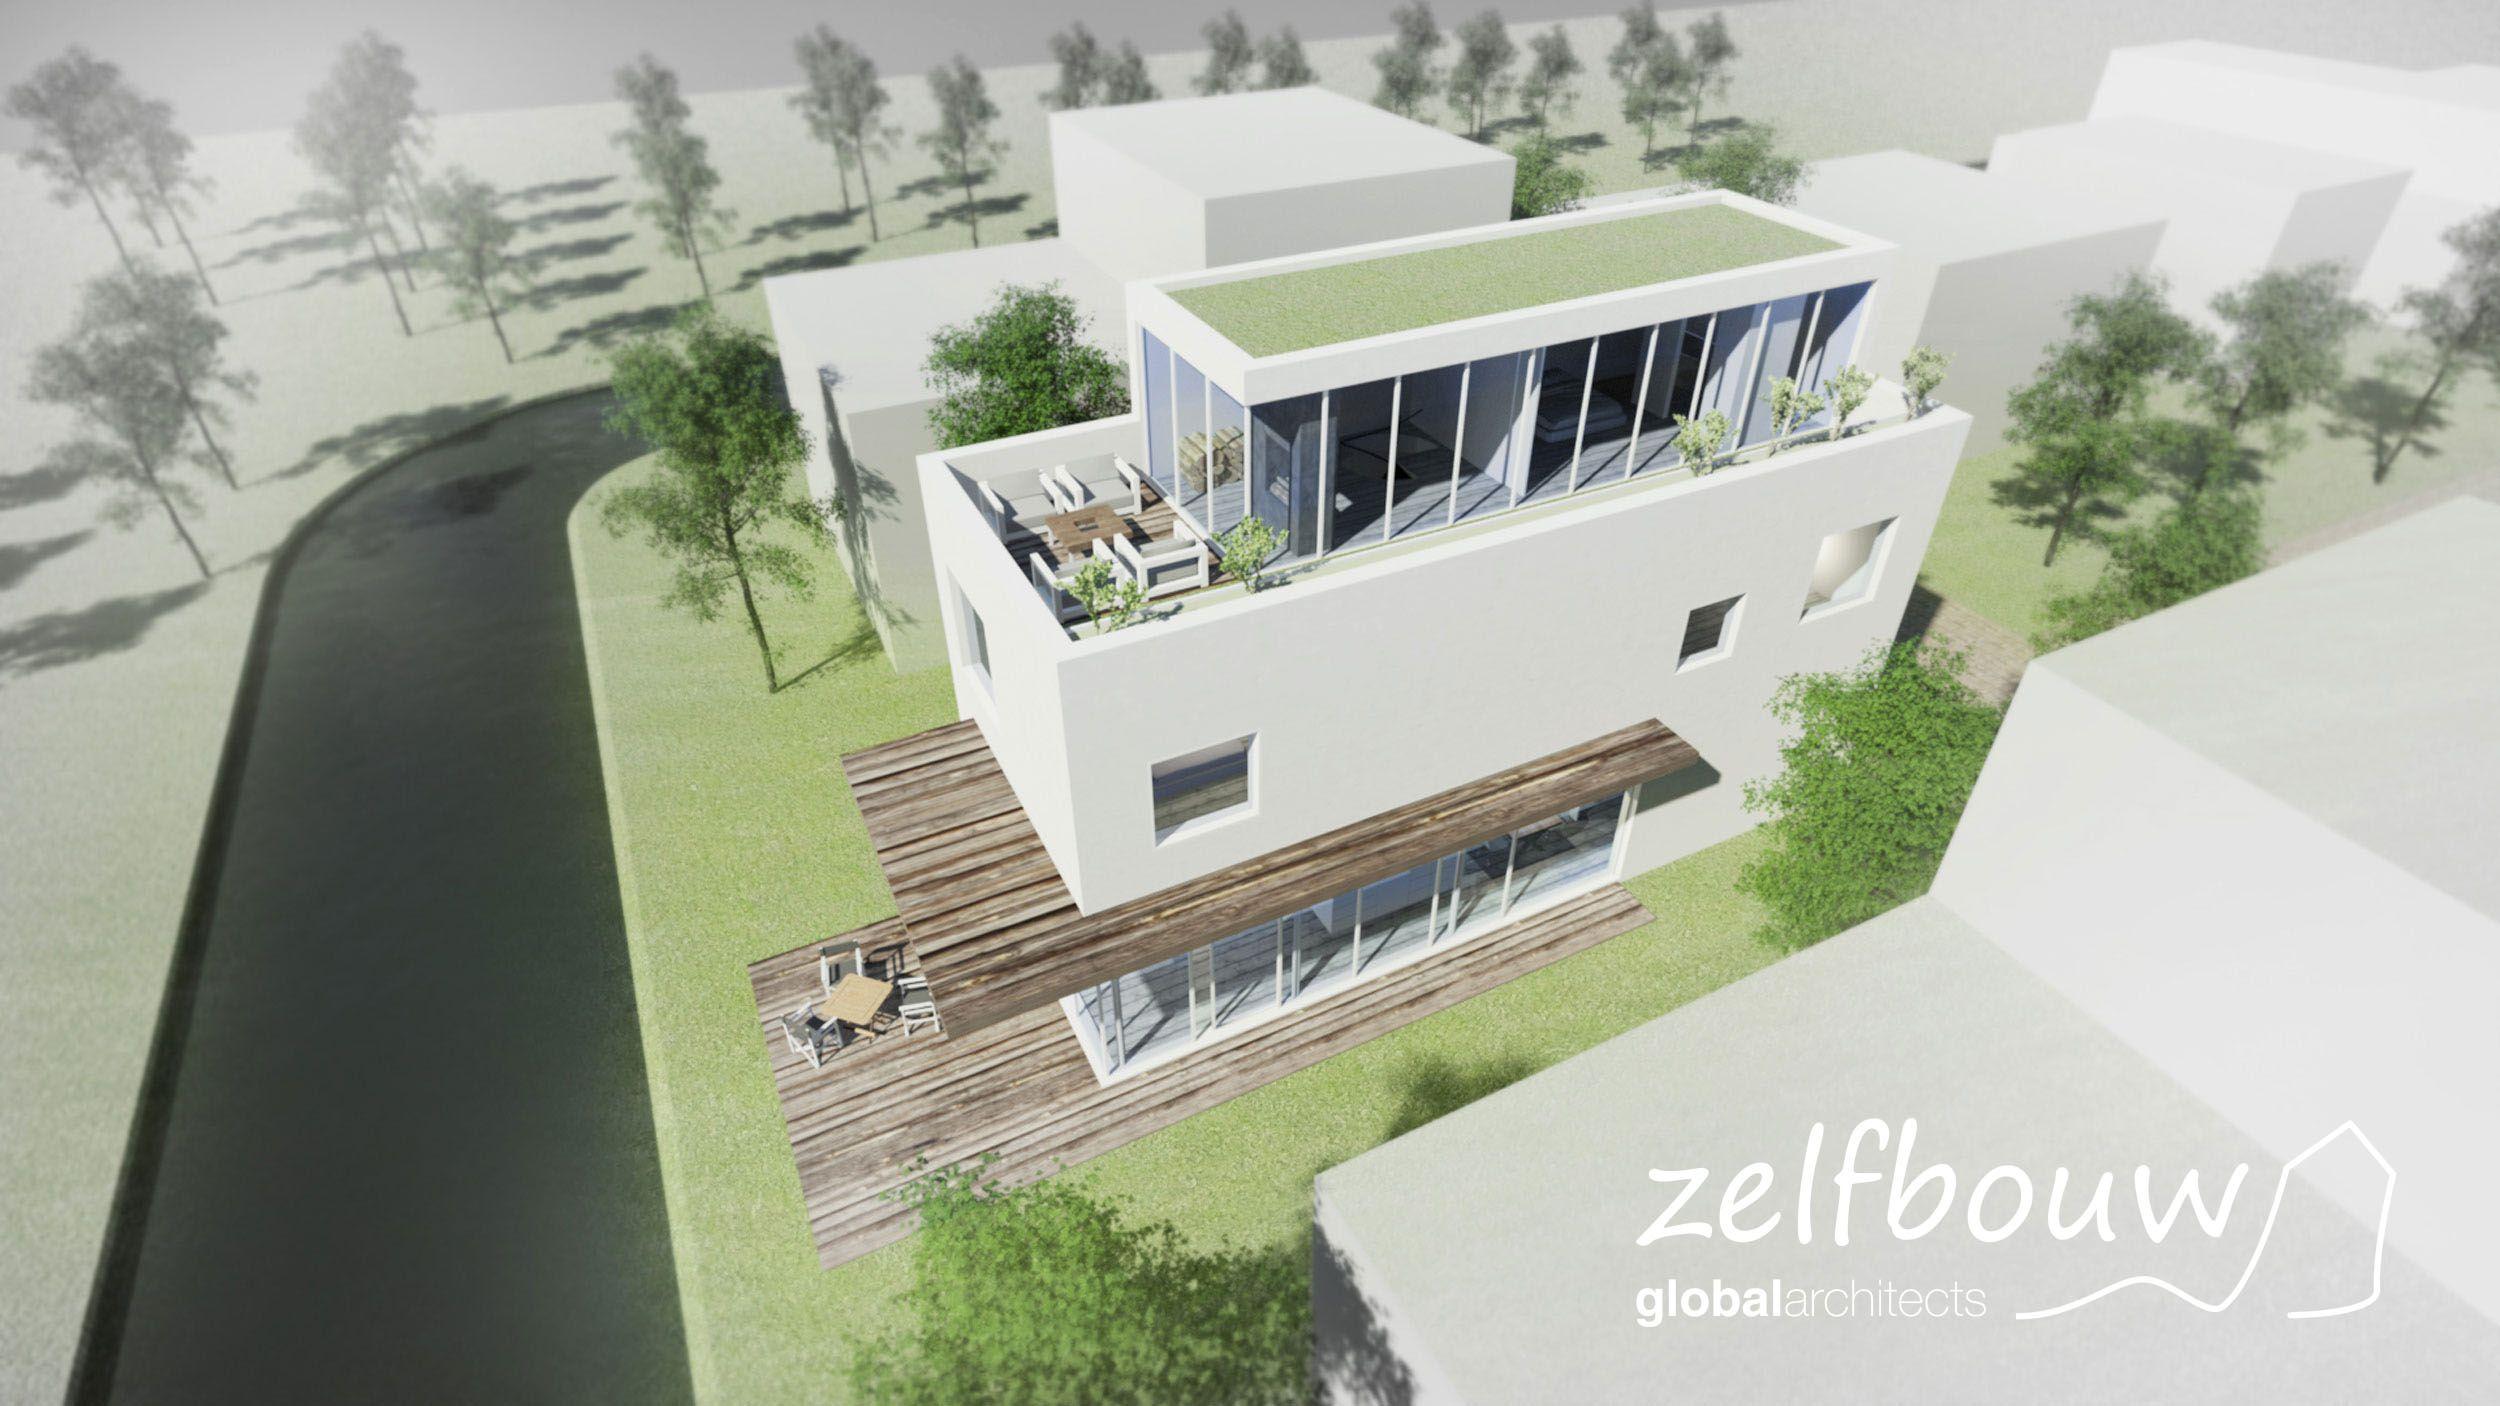 vrijstaande woning Den Haag #ontwerp #bouwbegeleiding #zelfbouw  #architectuur